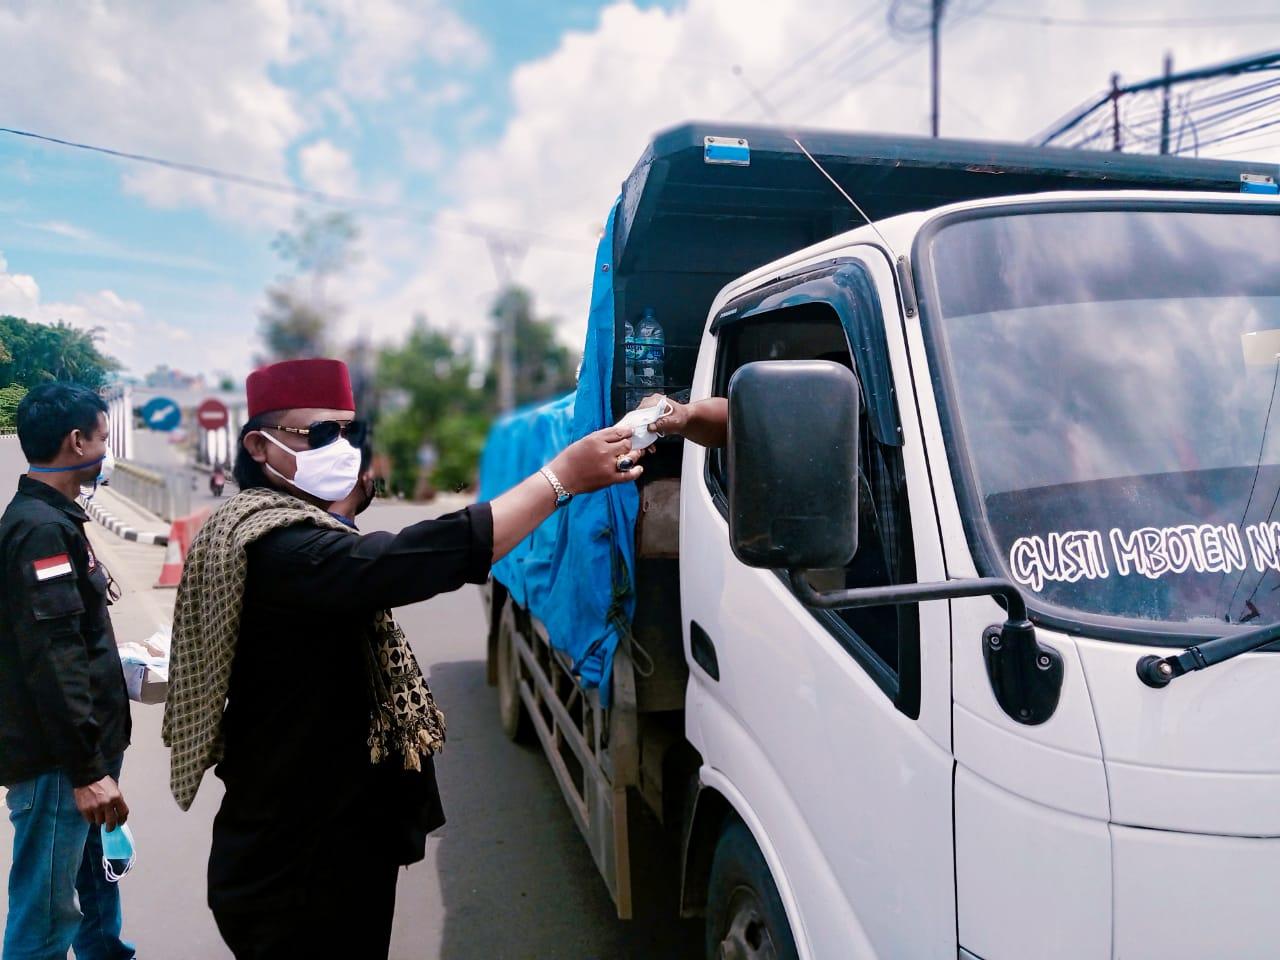 Gambar Ketua DPC BPPKB Kota Serang Turun ke Jalan Bagikan Ratusan Masker 5